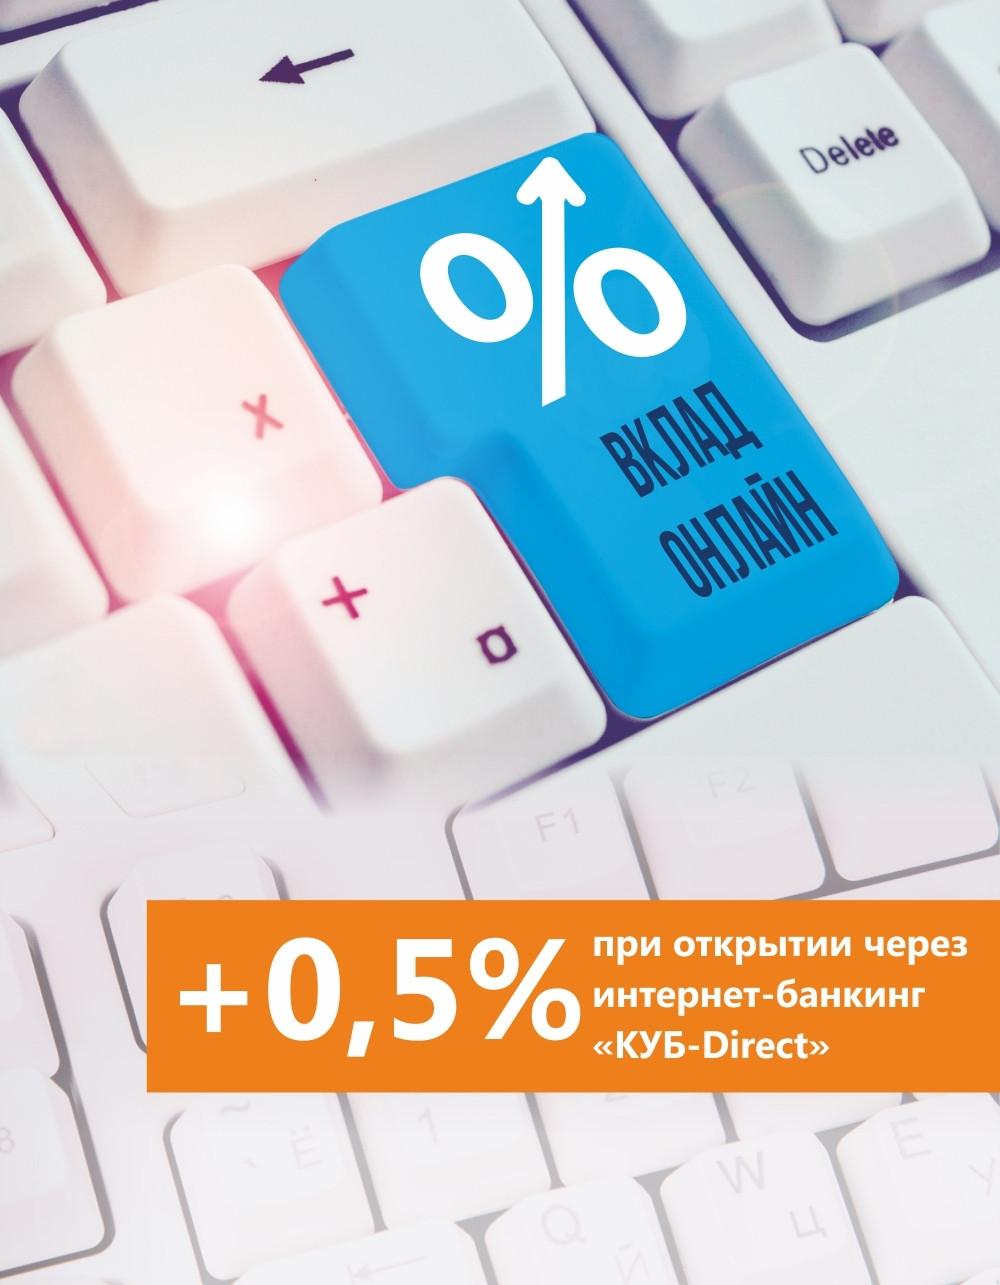 Через интернет в Сбербанк-онлайн.до 2,56% годовых с учетом капитализации (при открытии вклада на сумму более рублей сроком месяцев).Как видим, максимальная ставка у вклада Управляй при открытии через интернет выше на 0,15%.